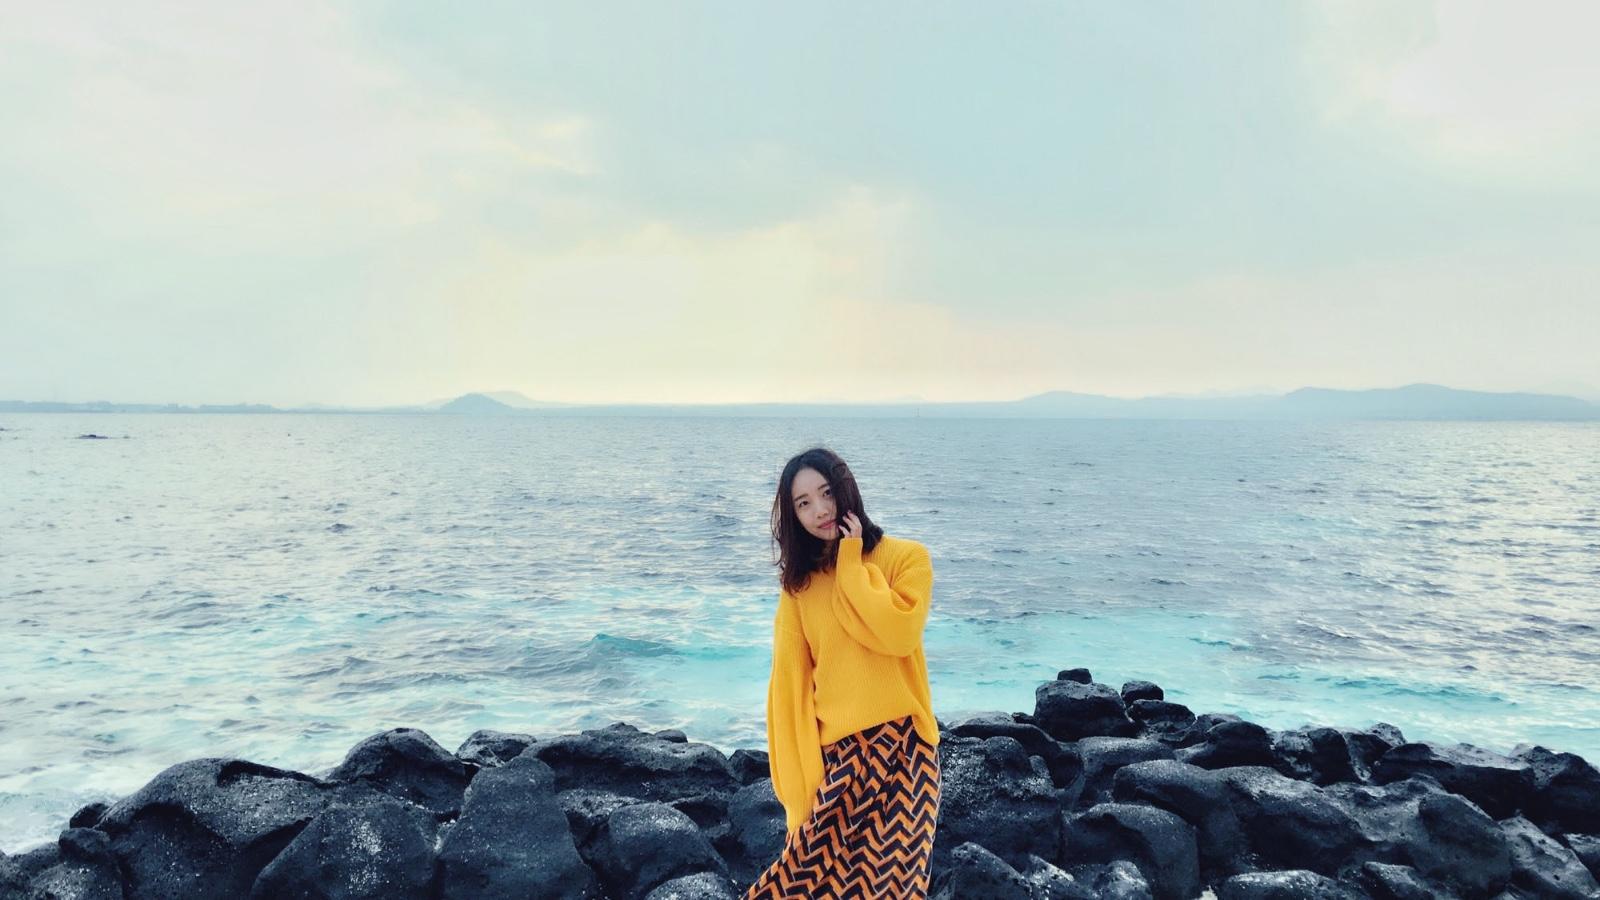 深情都在迷途里流浪-济州岛旅行日记